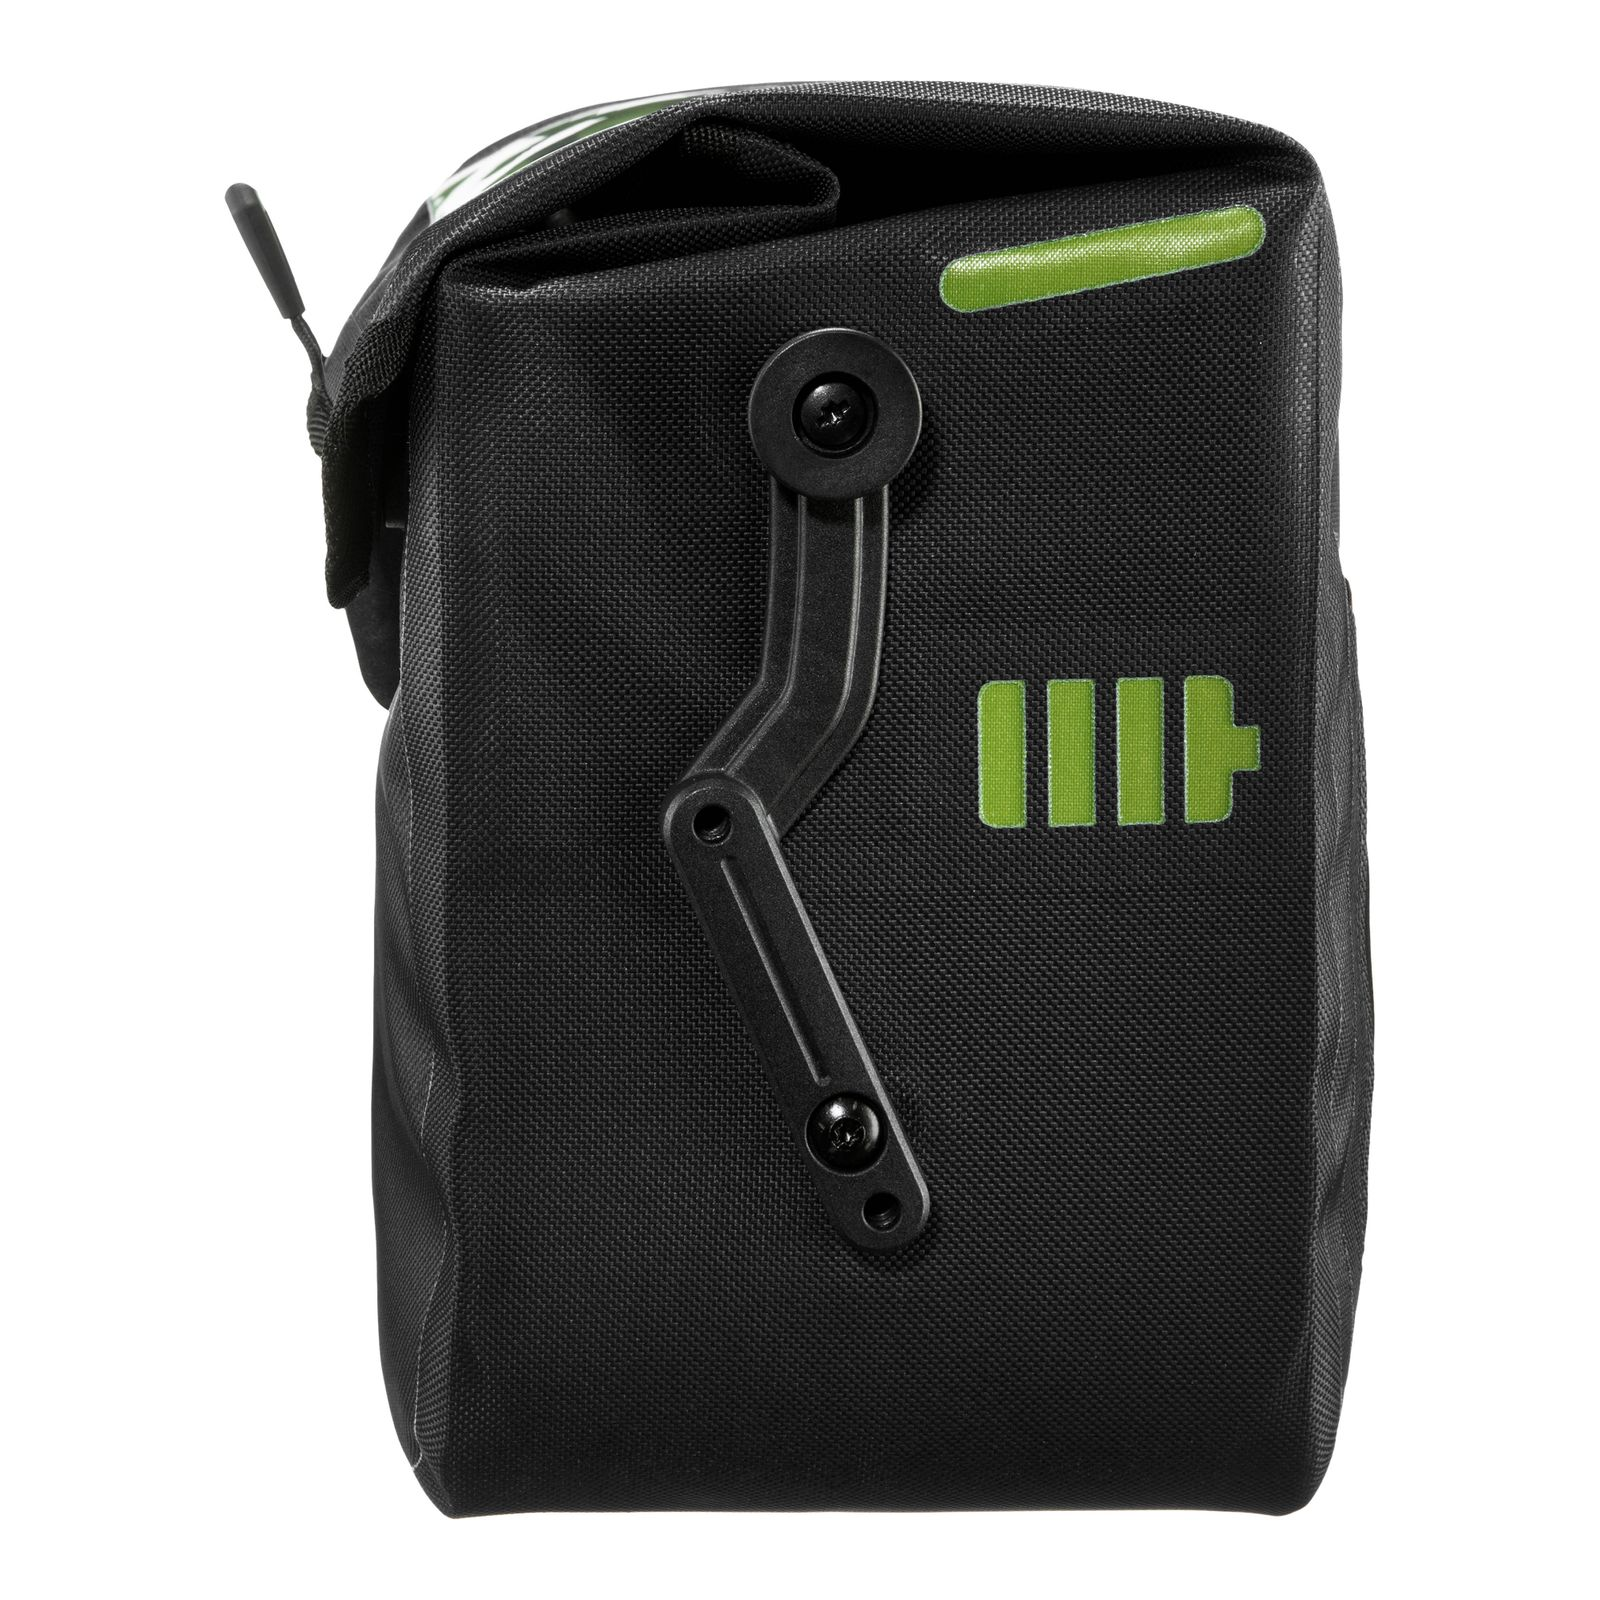 ORTLIEB E-Glow Bike Handlebar Bag 7L Black